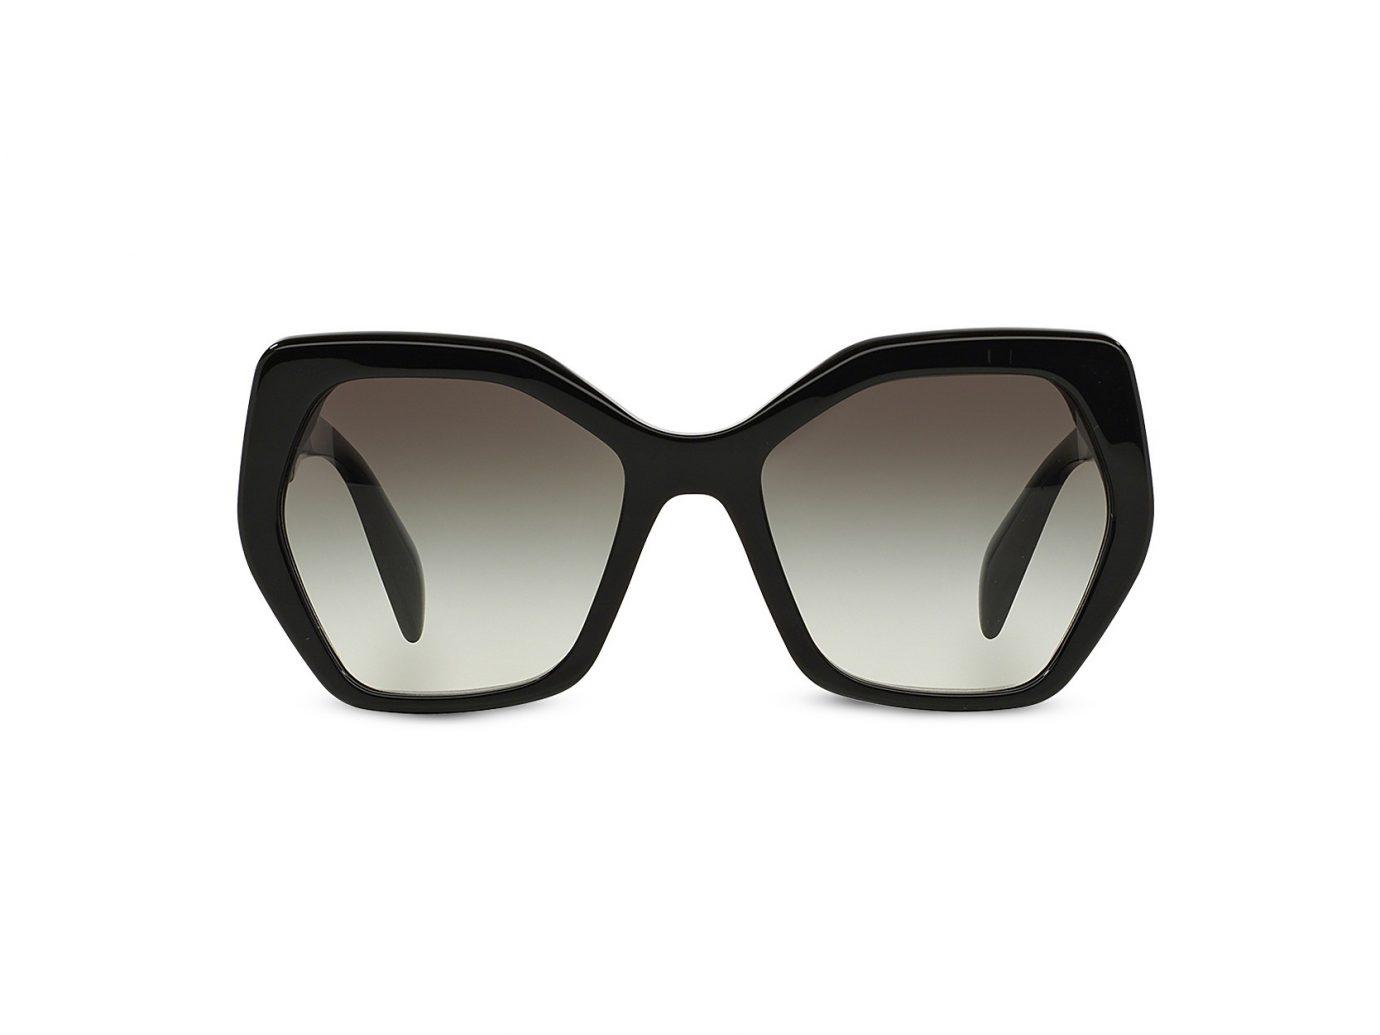 Prada Women's Oversized Geometric Sunglasses 56mm